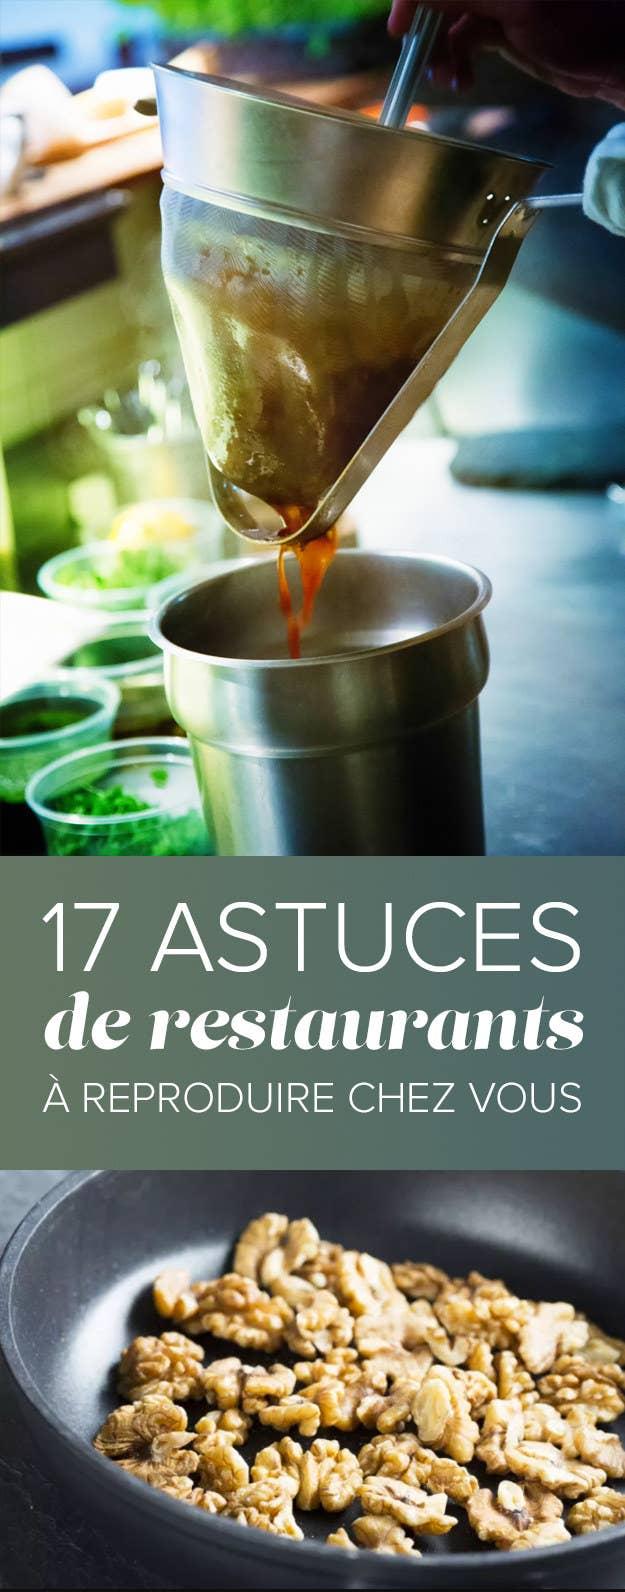 Cuisine 10 Astuces Qui Changent Tout 17 astuces de restaurants à reproduire chez vous